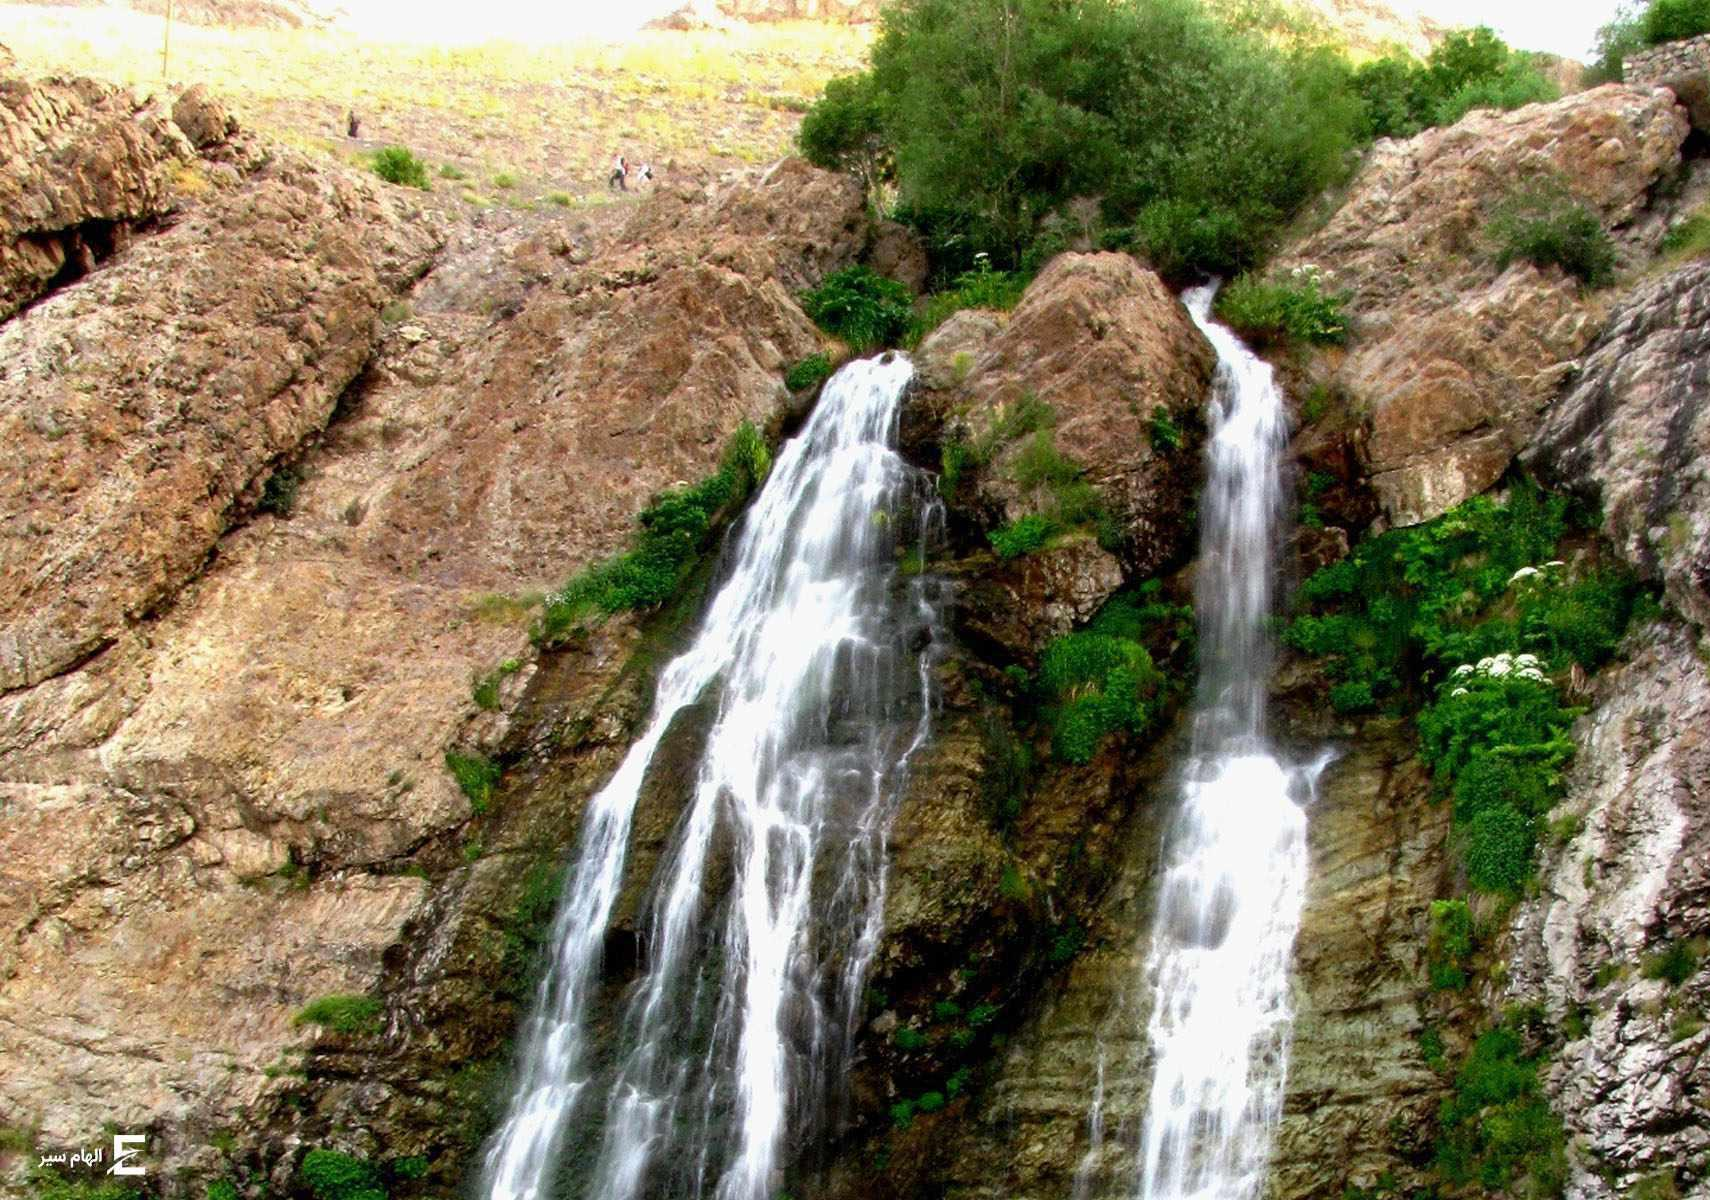 آبشار دوقلو، آبشار بیشه تهران